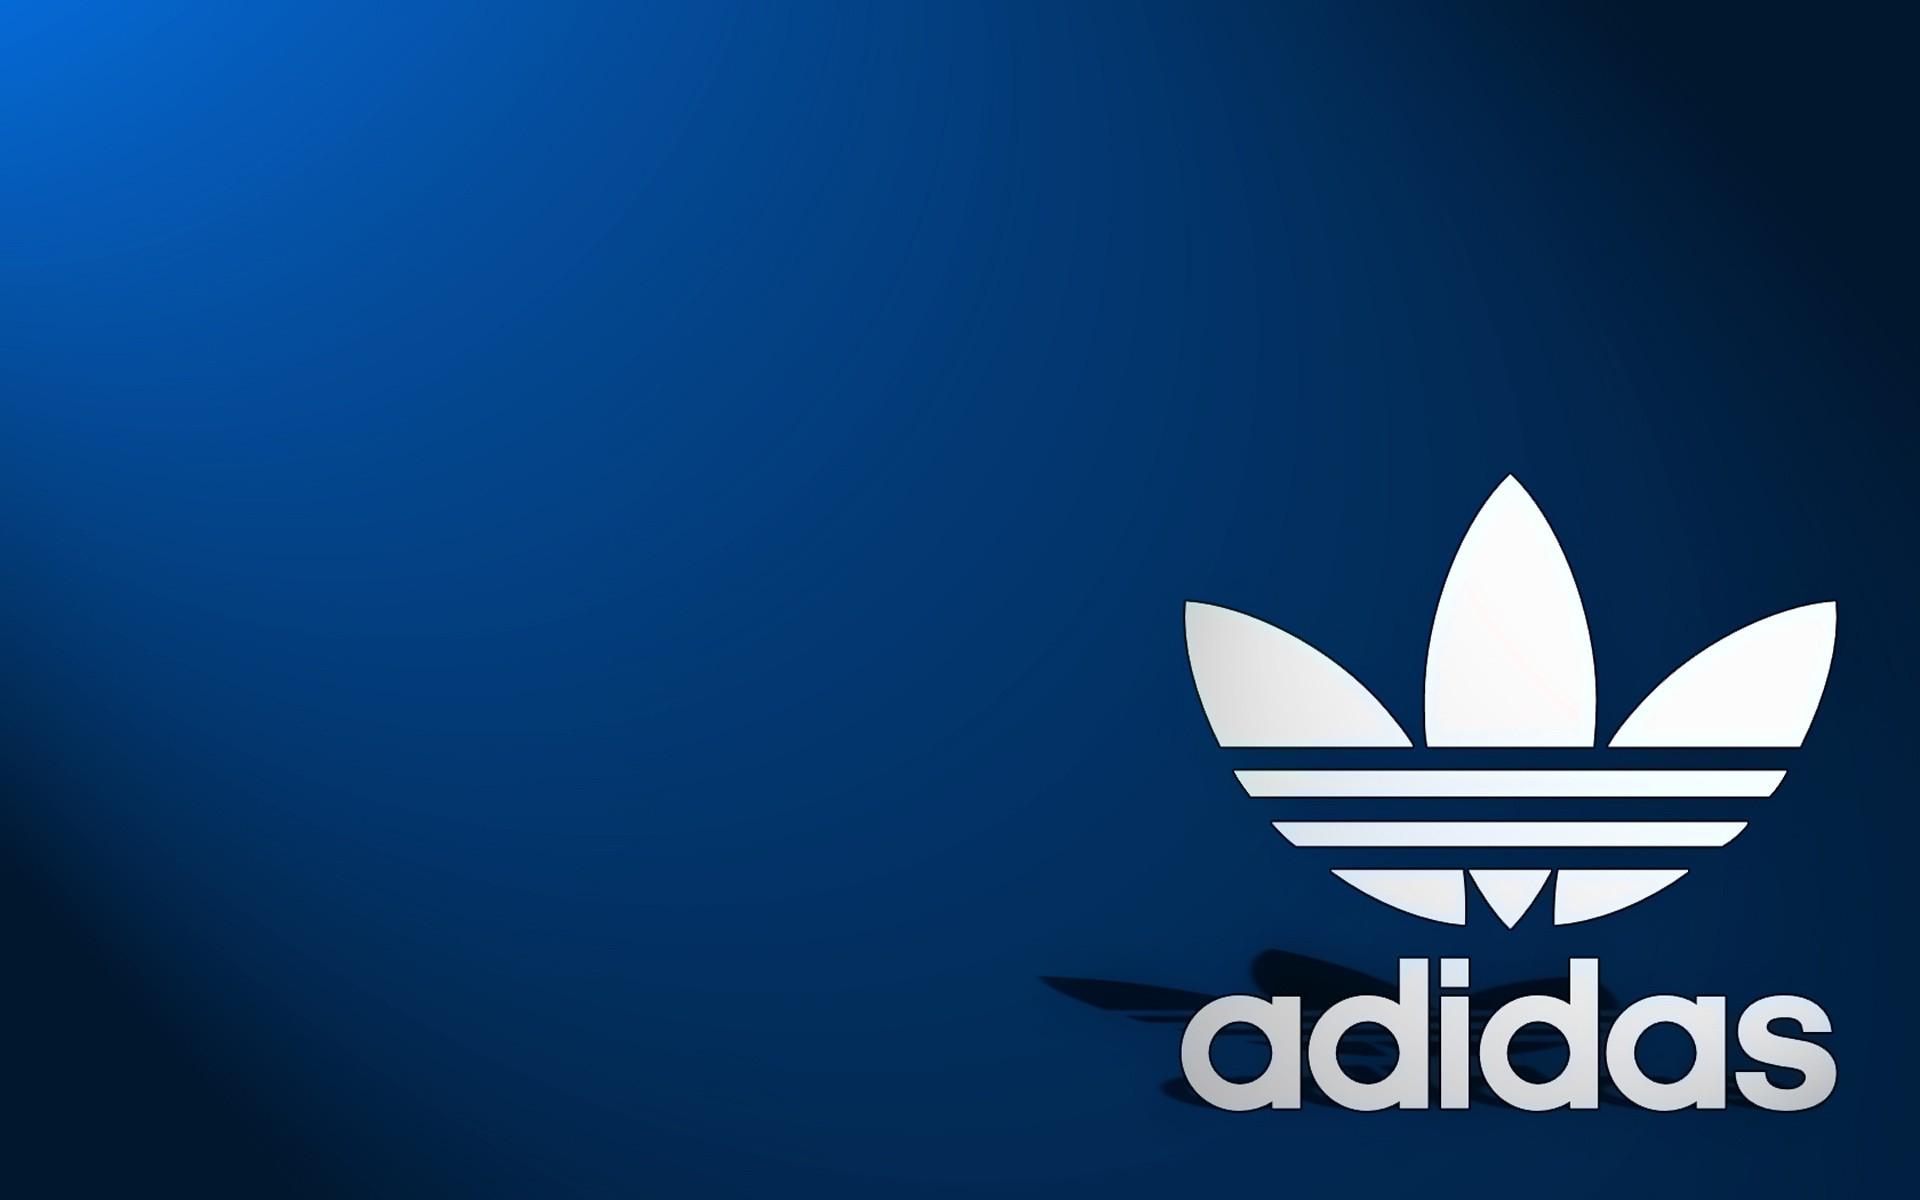 Download Sports Adidas Wallpaper 1920x1200 Wallpoper 408184 1920x1200